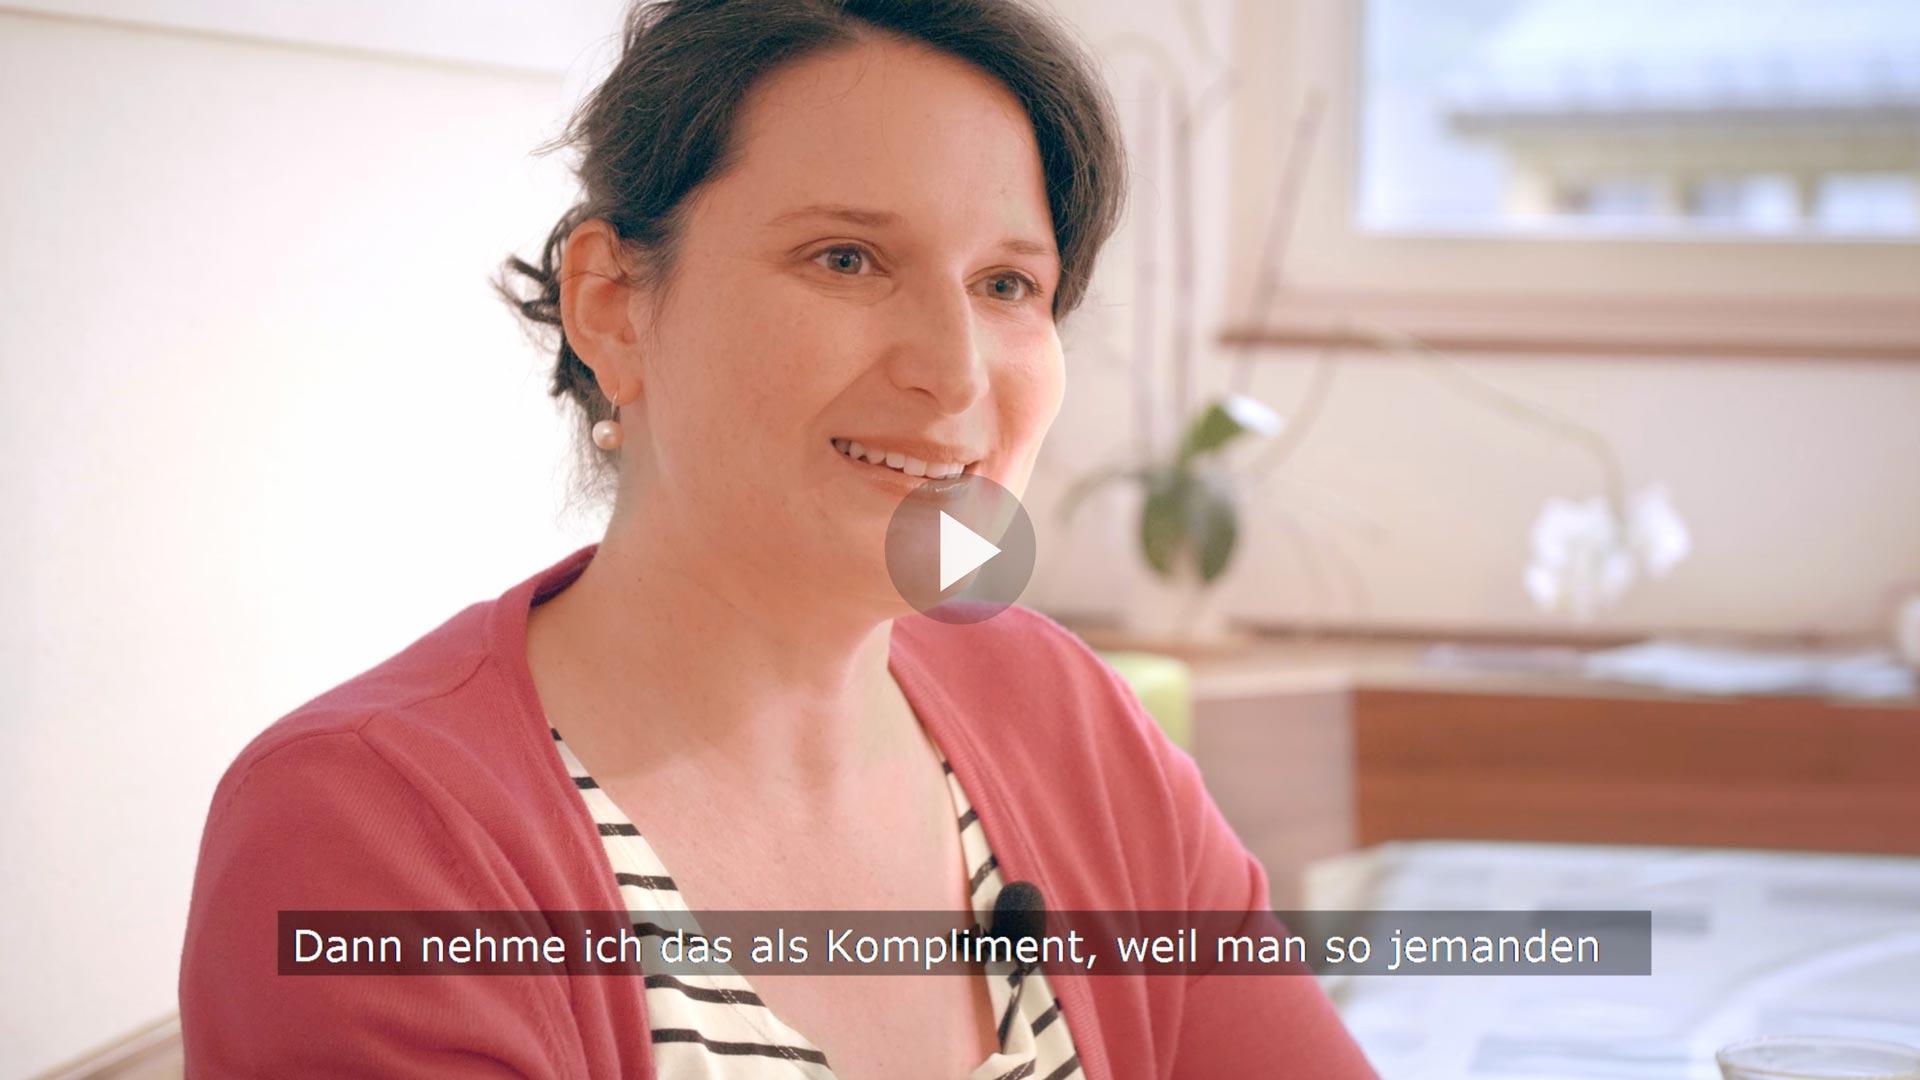 Charlotte Küng-Bless, Seelsorgerin in der katholischen Kirche Region Rorschach, erzählt im einen der neuen Videos, was ihr an ihrer kirchlichen Arbeit gefällt.   Bildschirmfoto